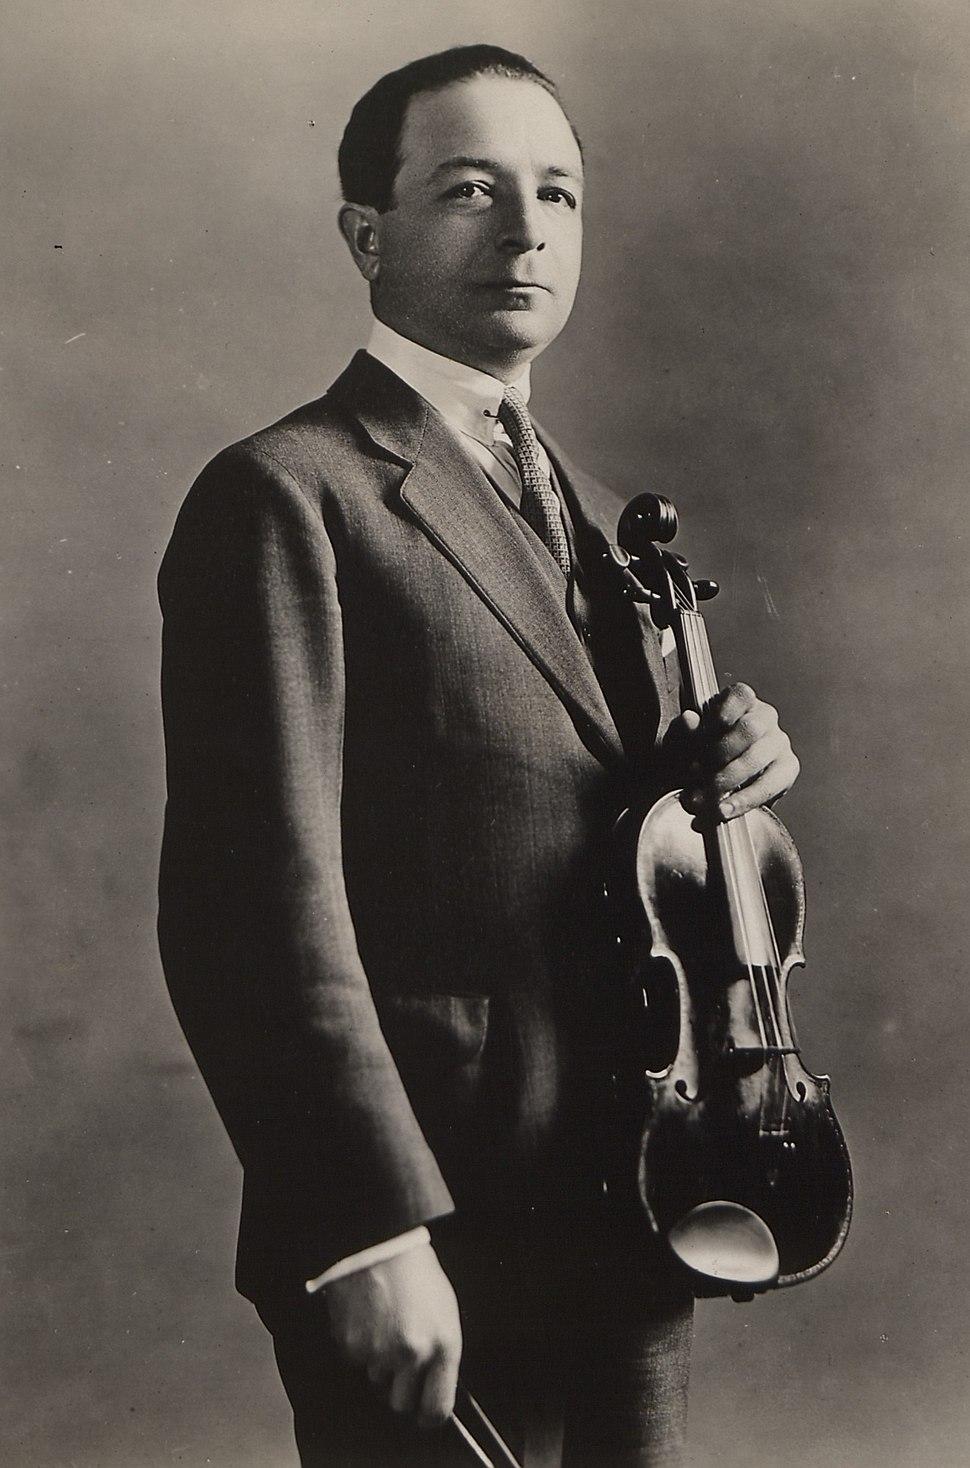 Paweł Kochański portret (cropped)